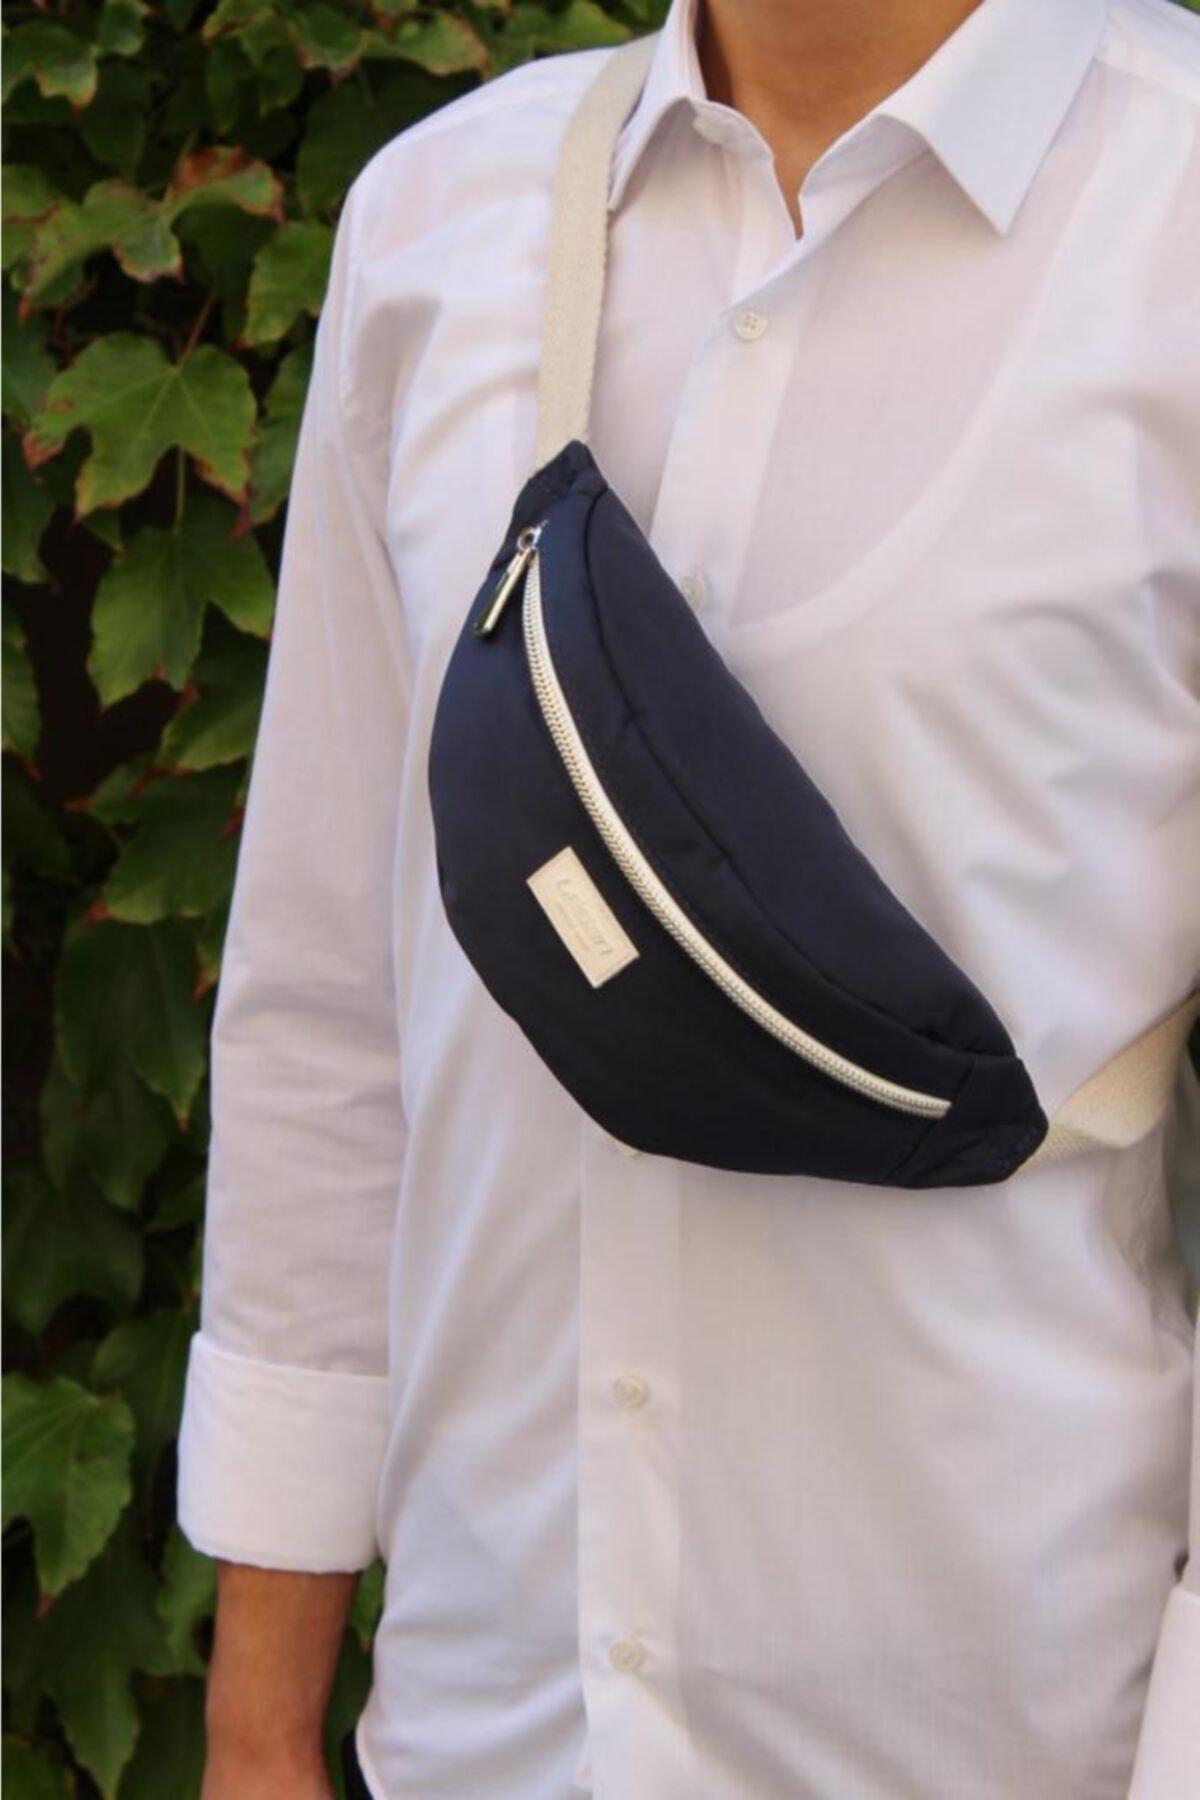 خرید انلاین کیف کمری جدید مردانه اصل برند LEGAN رنگ لاجوردی کد ty50906972